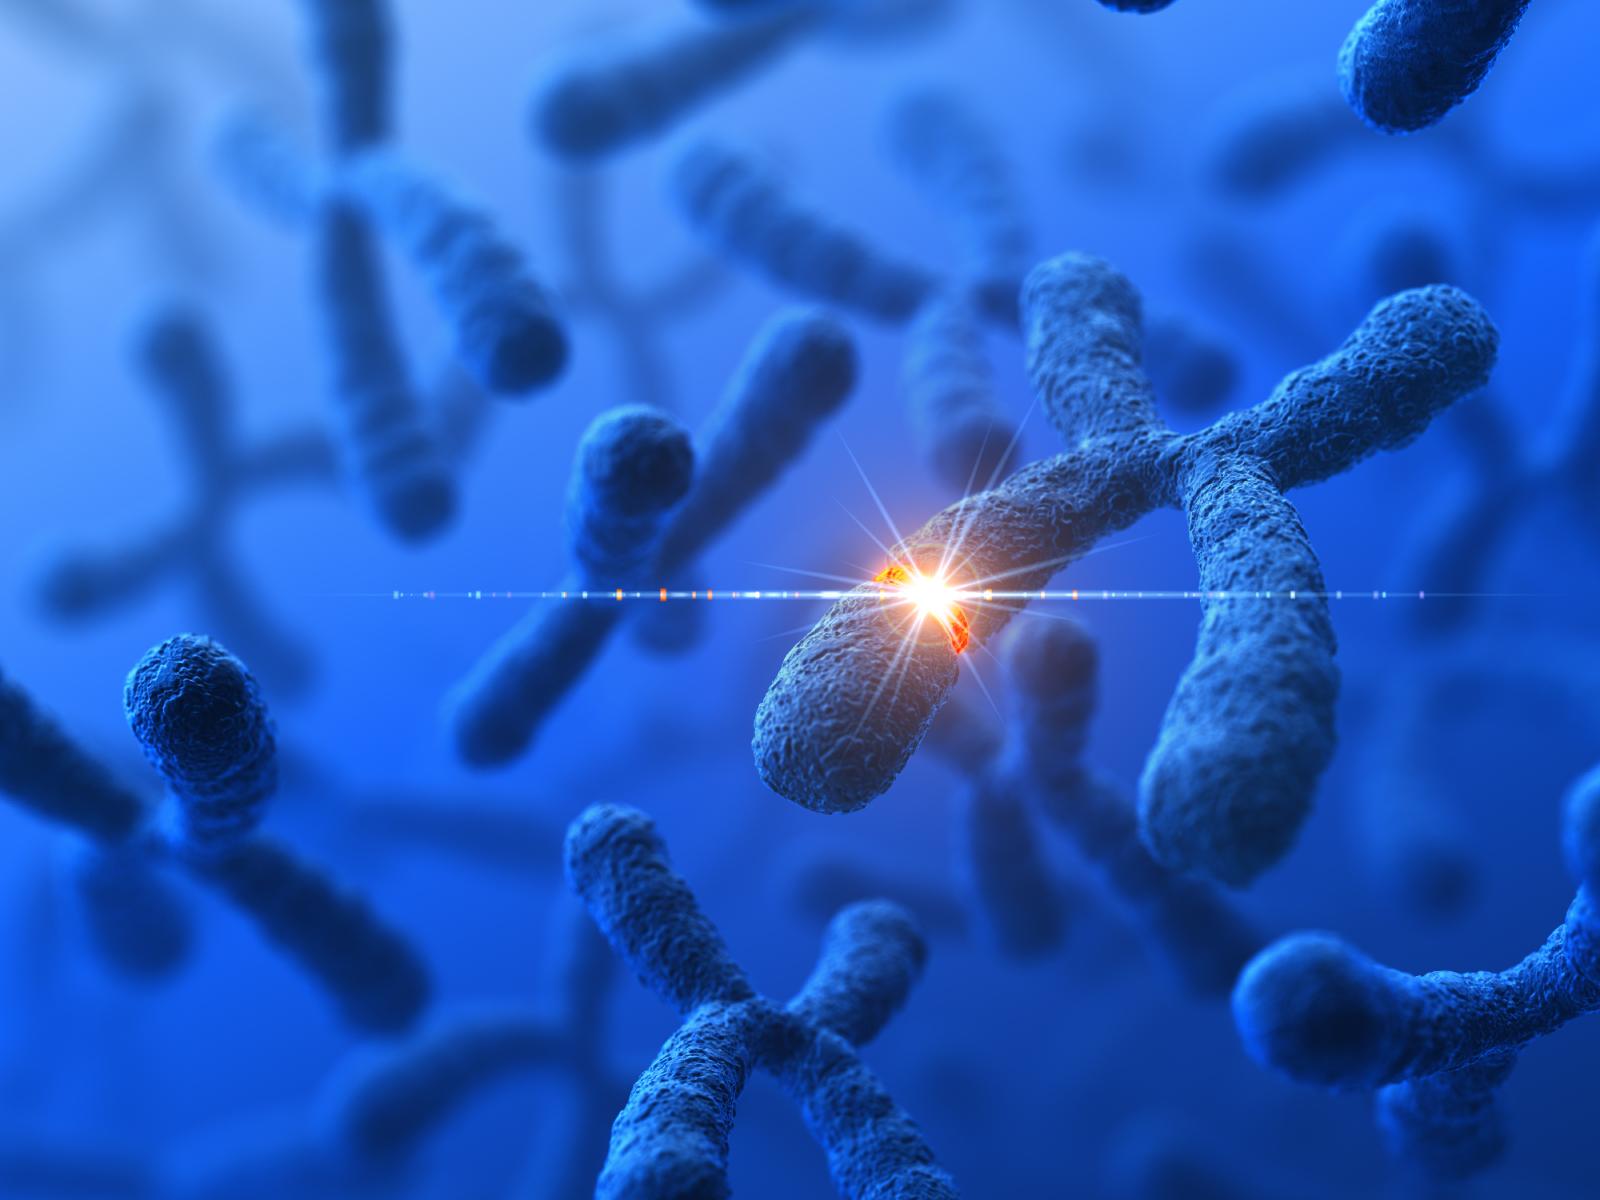 Le syndrome de Turner est dû à la perte totale ou partielle d'un chromosome X chez le fœtus de sexe féminin.